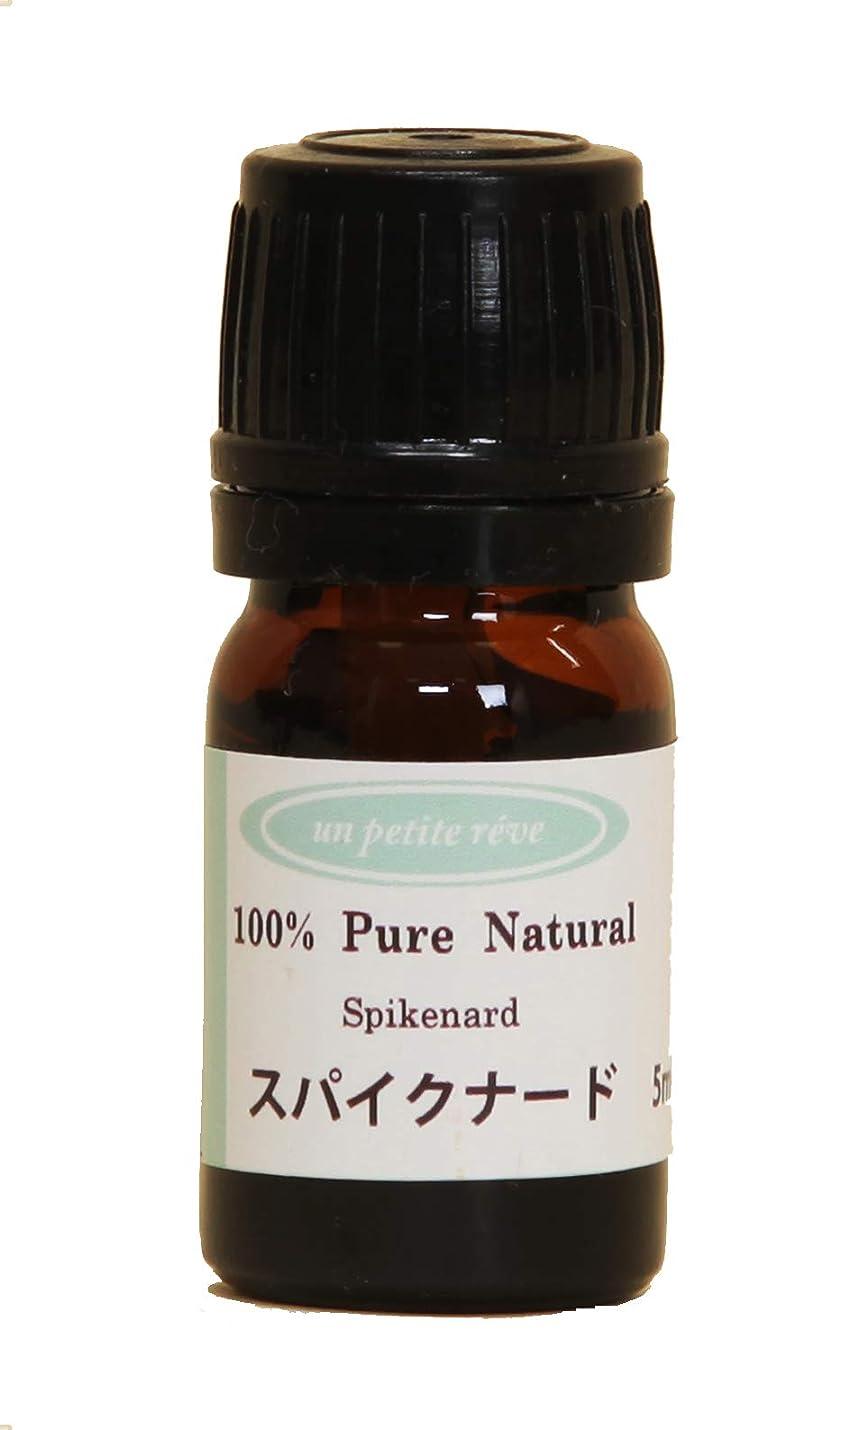 テラス僕の勤勉スパイクナード 5ml 100%天然アロマエッセンシャルオイル(精油)